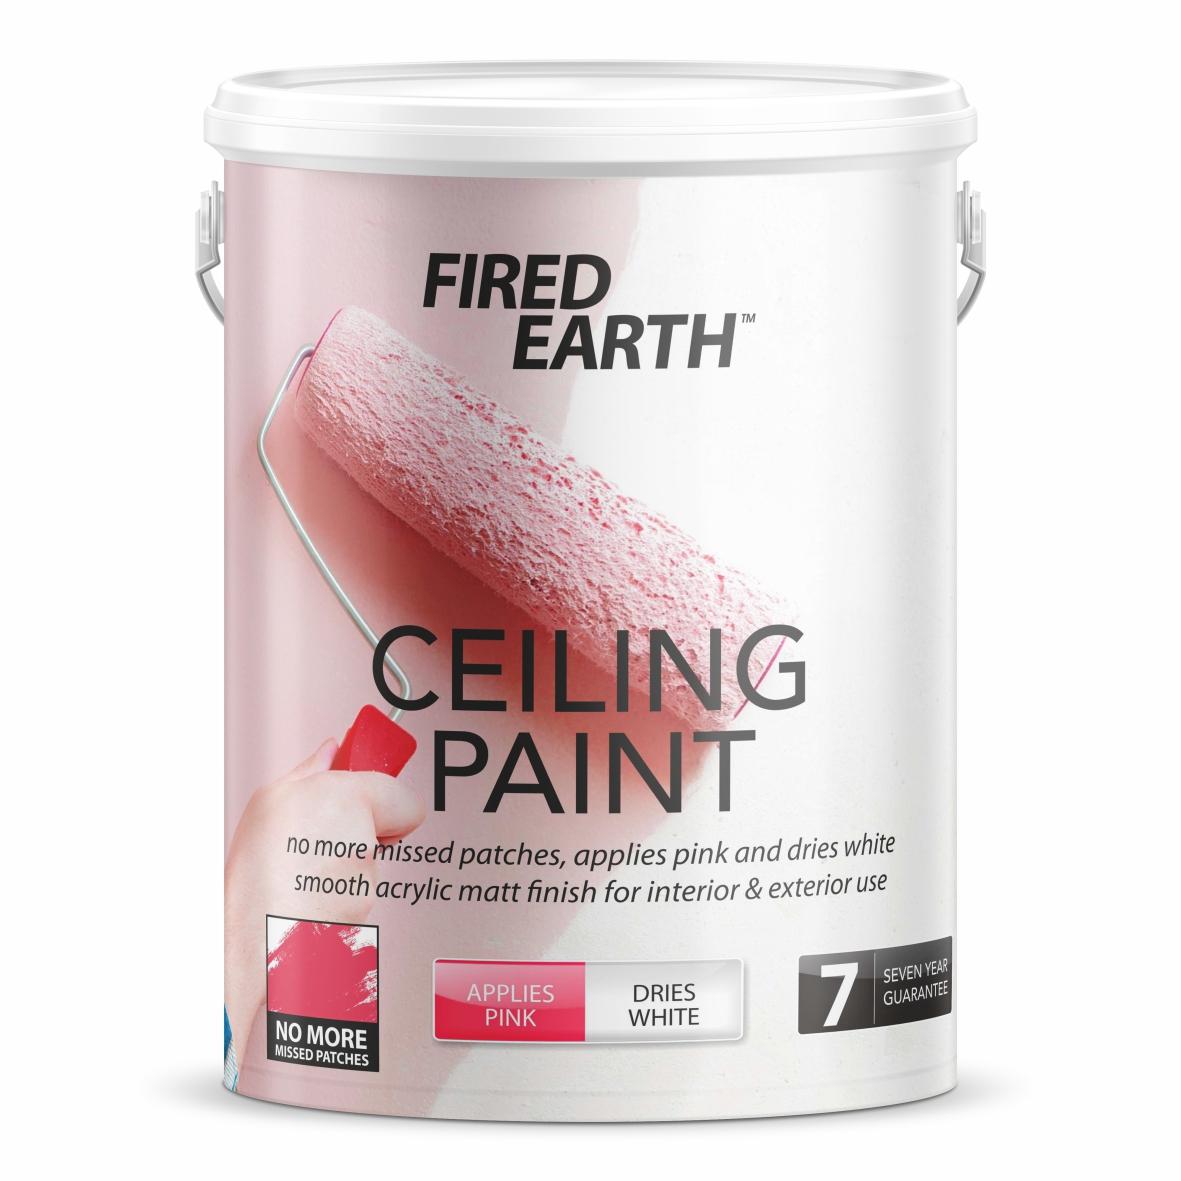 FE Ceiling Paint.jpg